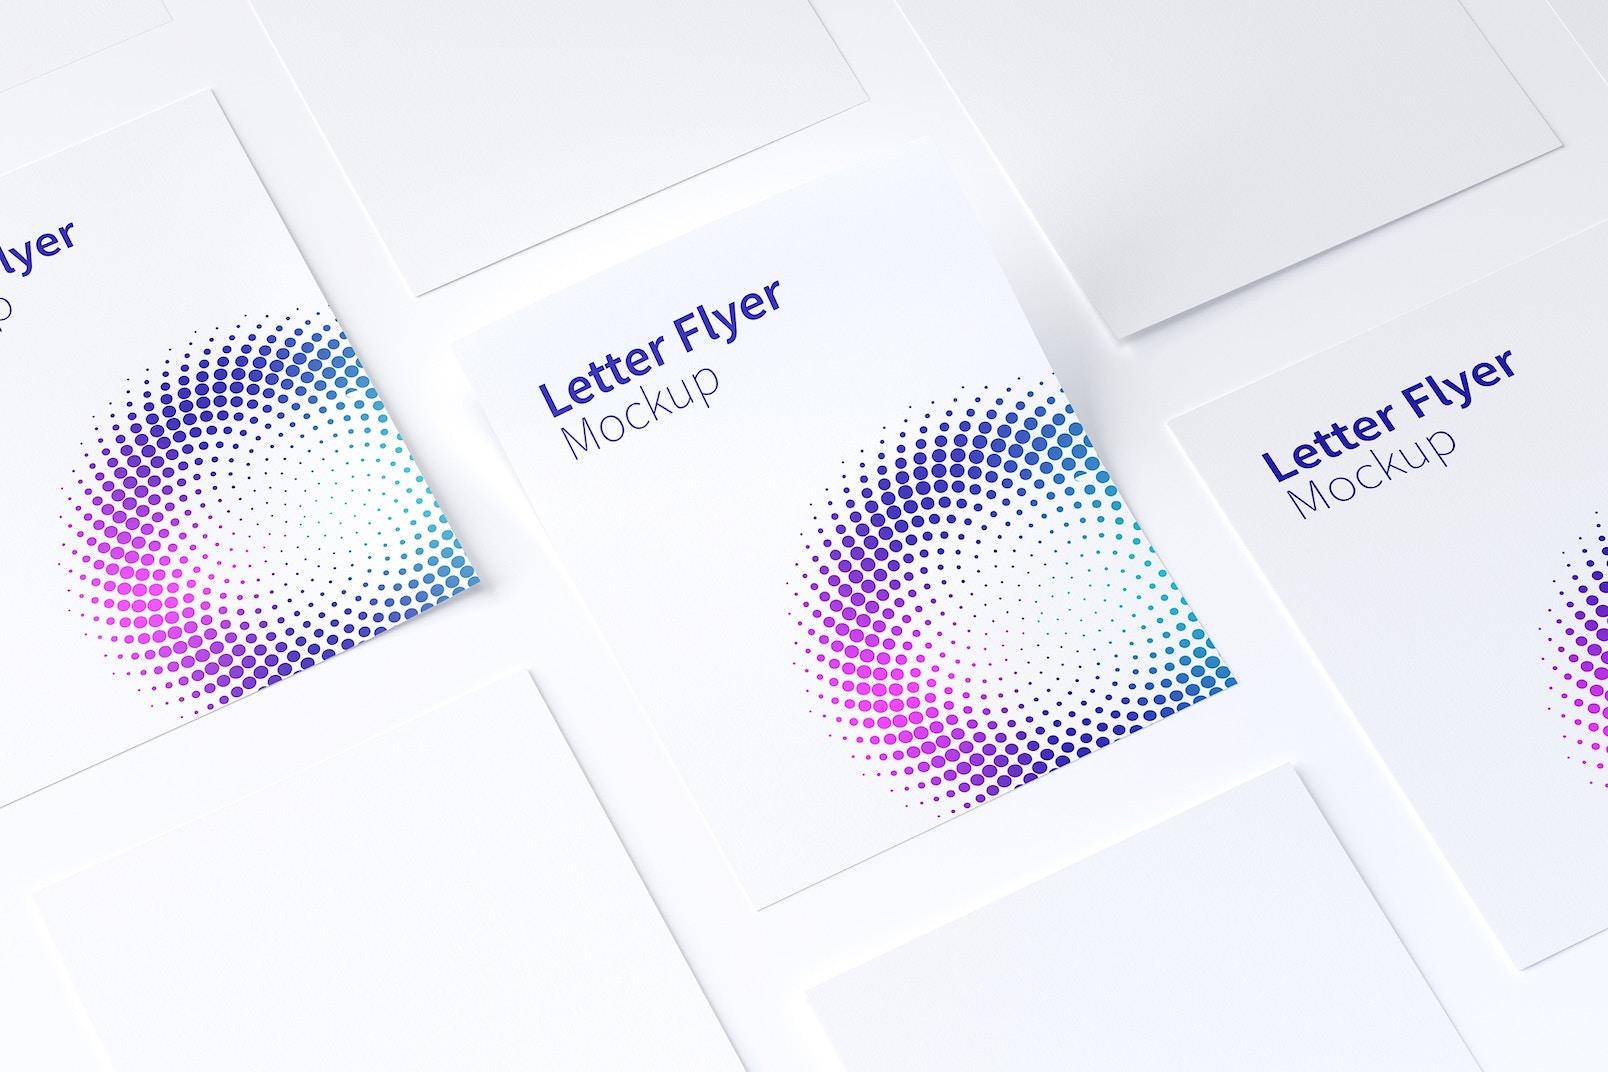 Letter Flyer Mockup 02